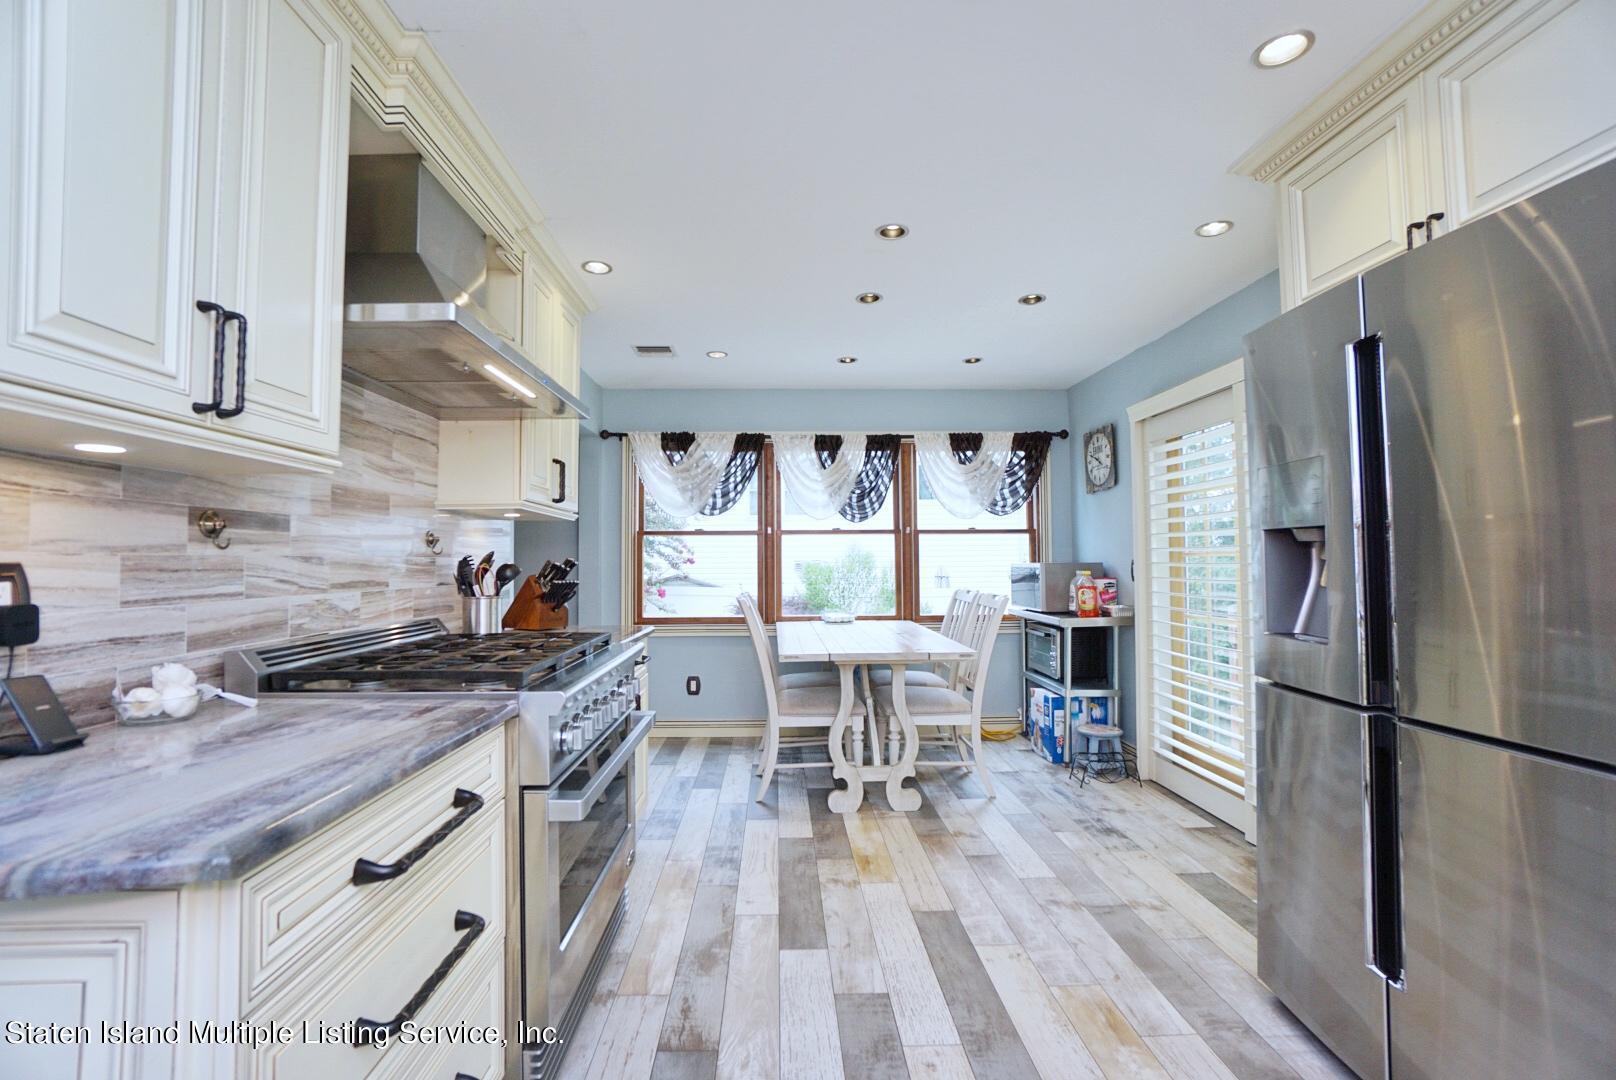 Single Family - Detached 578 Drumgoole Road  Staten Island, NY 10312, MLS-1148771-14